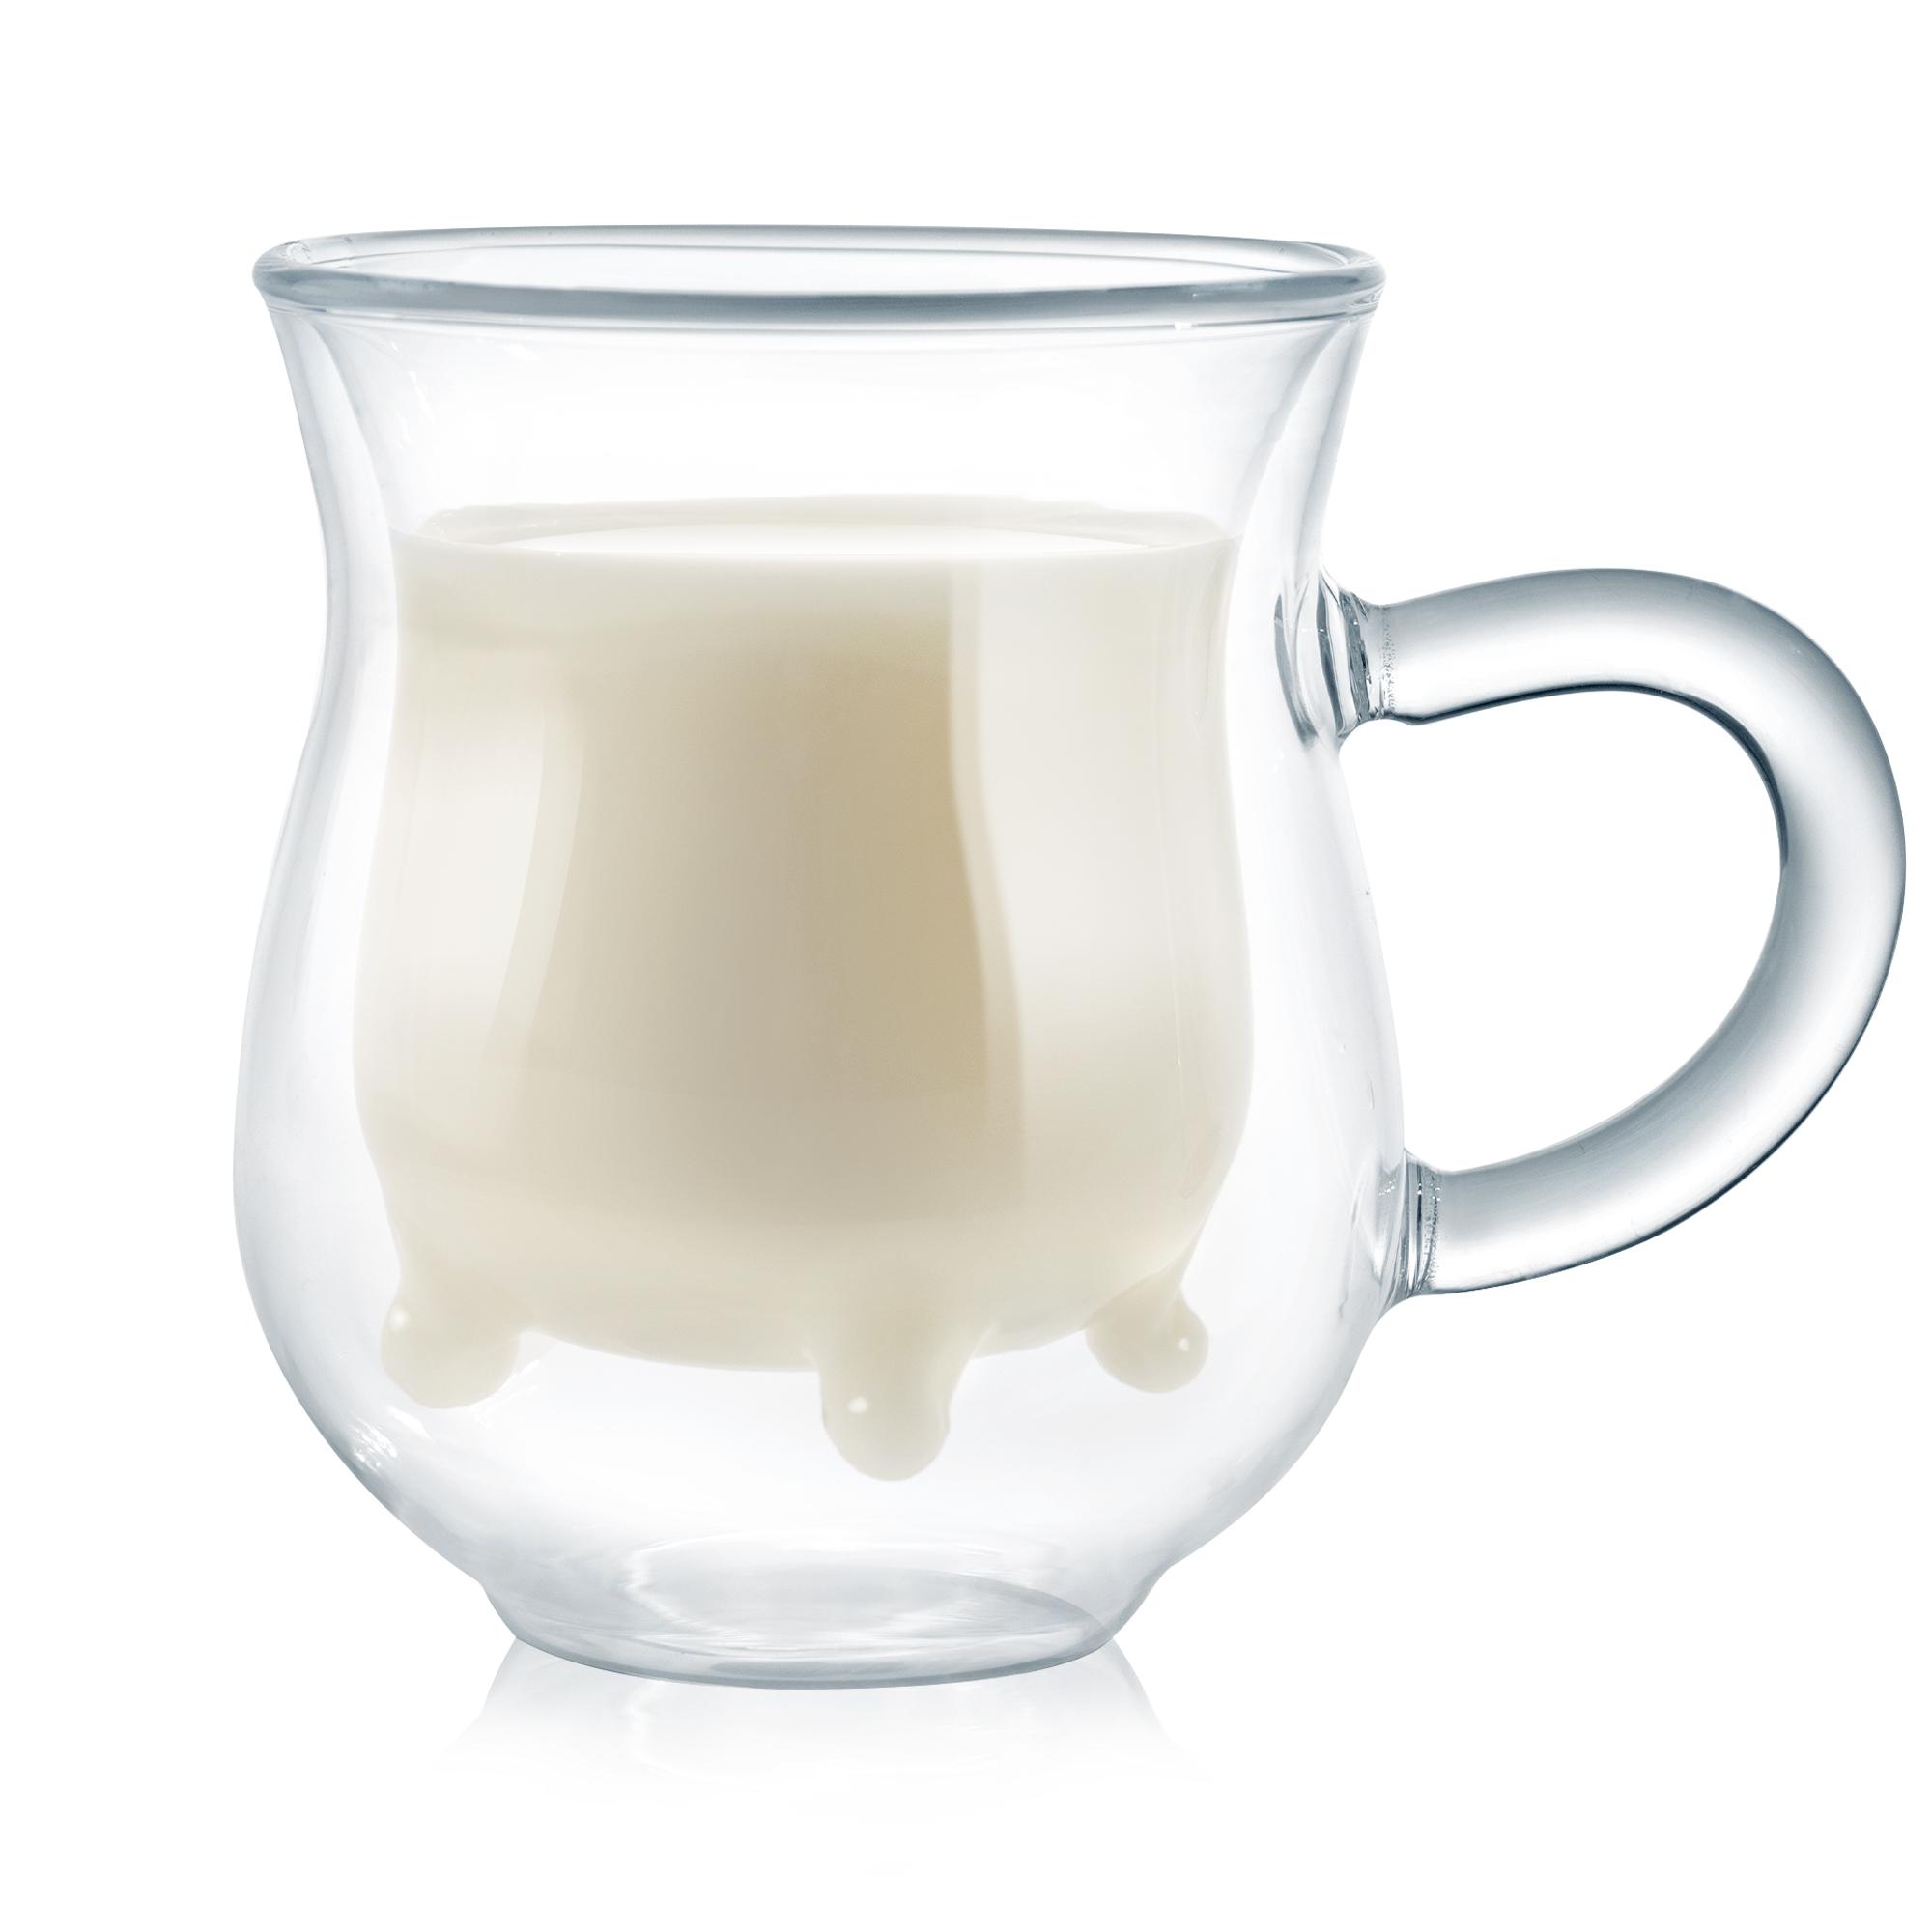 Milchkännchen aus Glas - 3